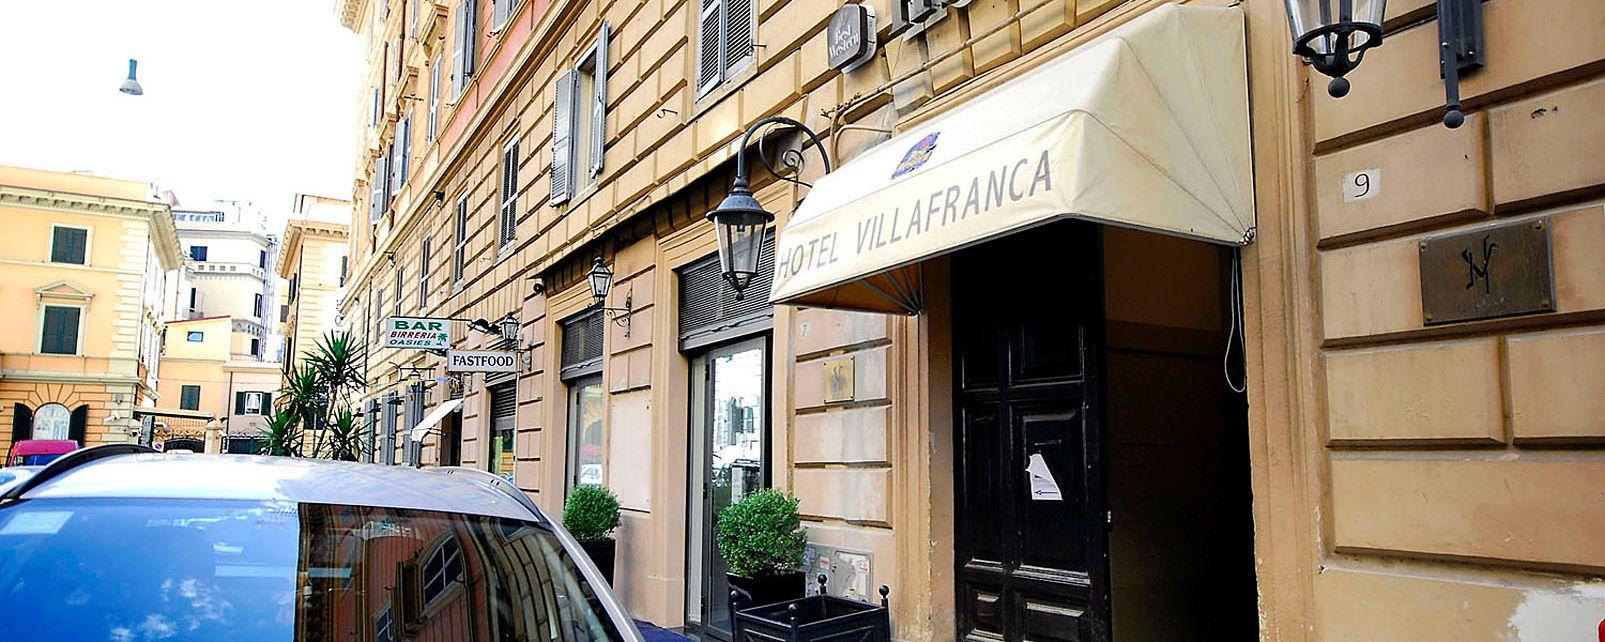 Hotel Villafrancia